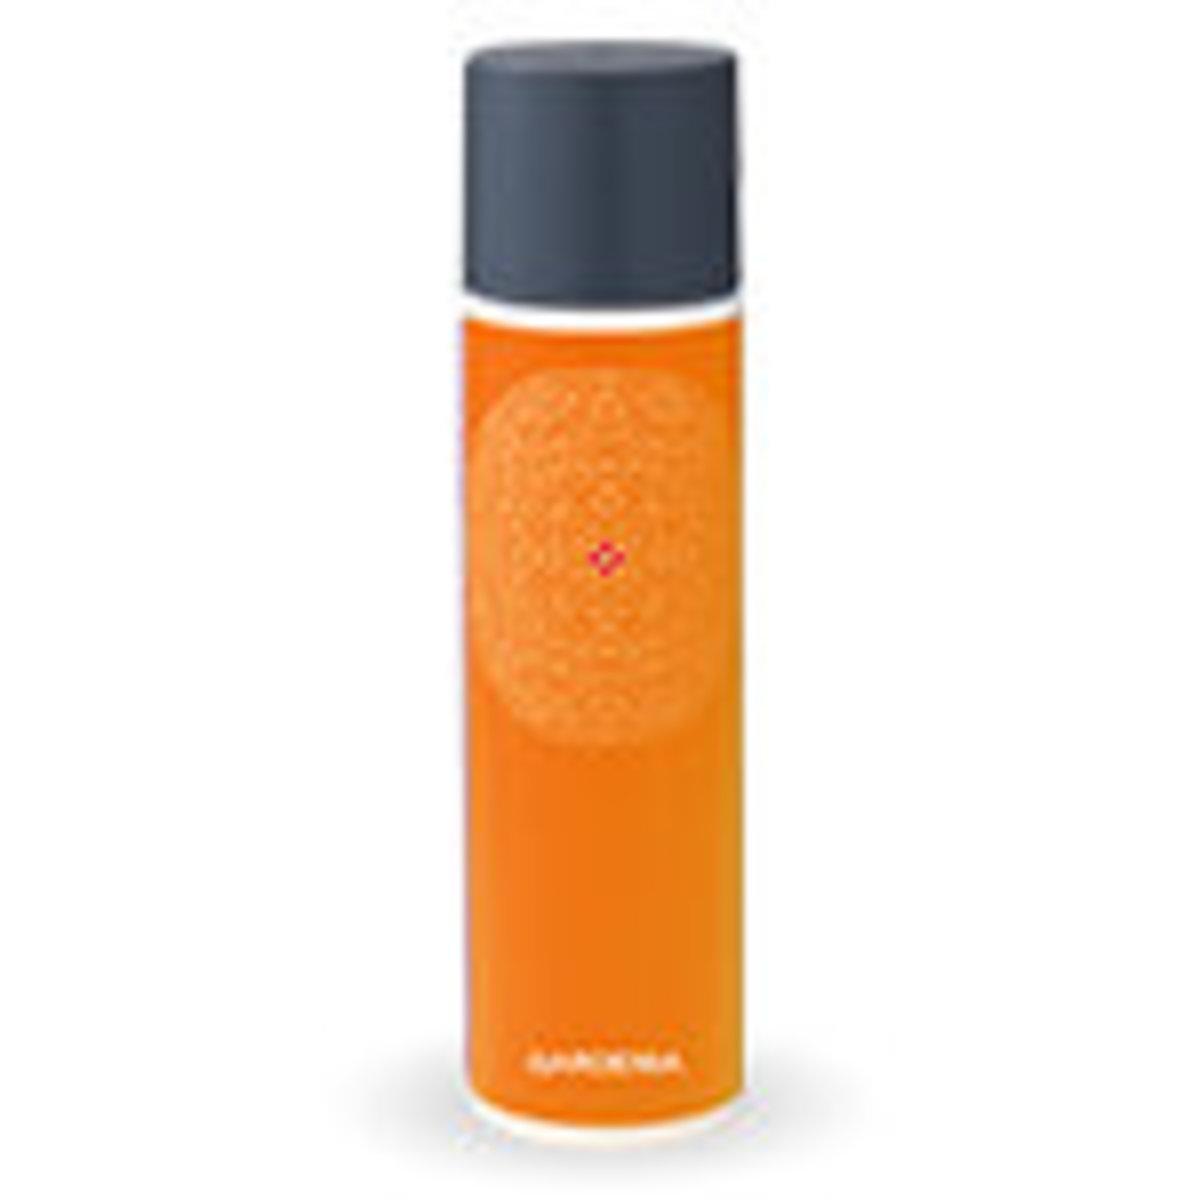 空氣淨化液 梔子花